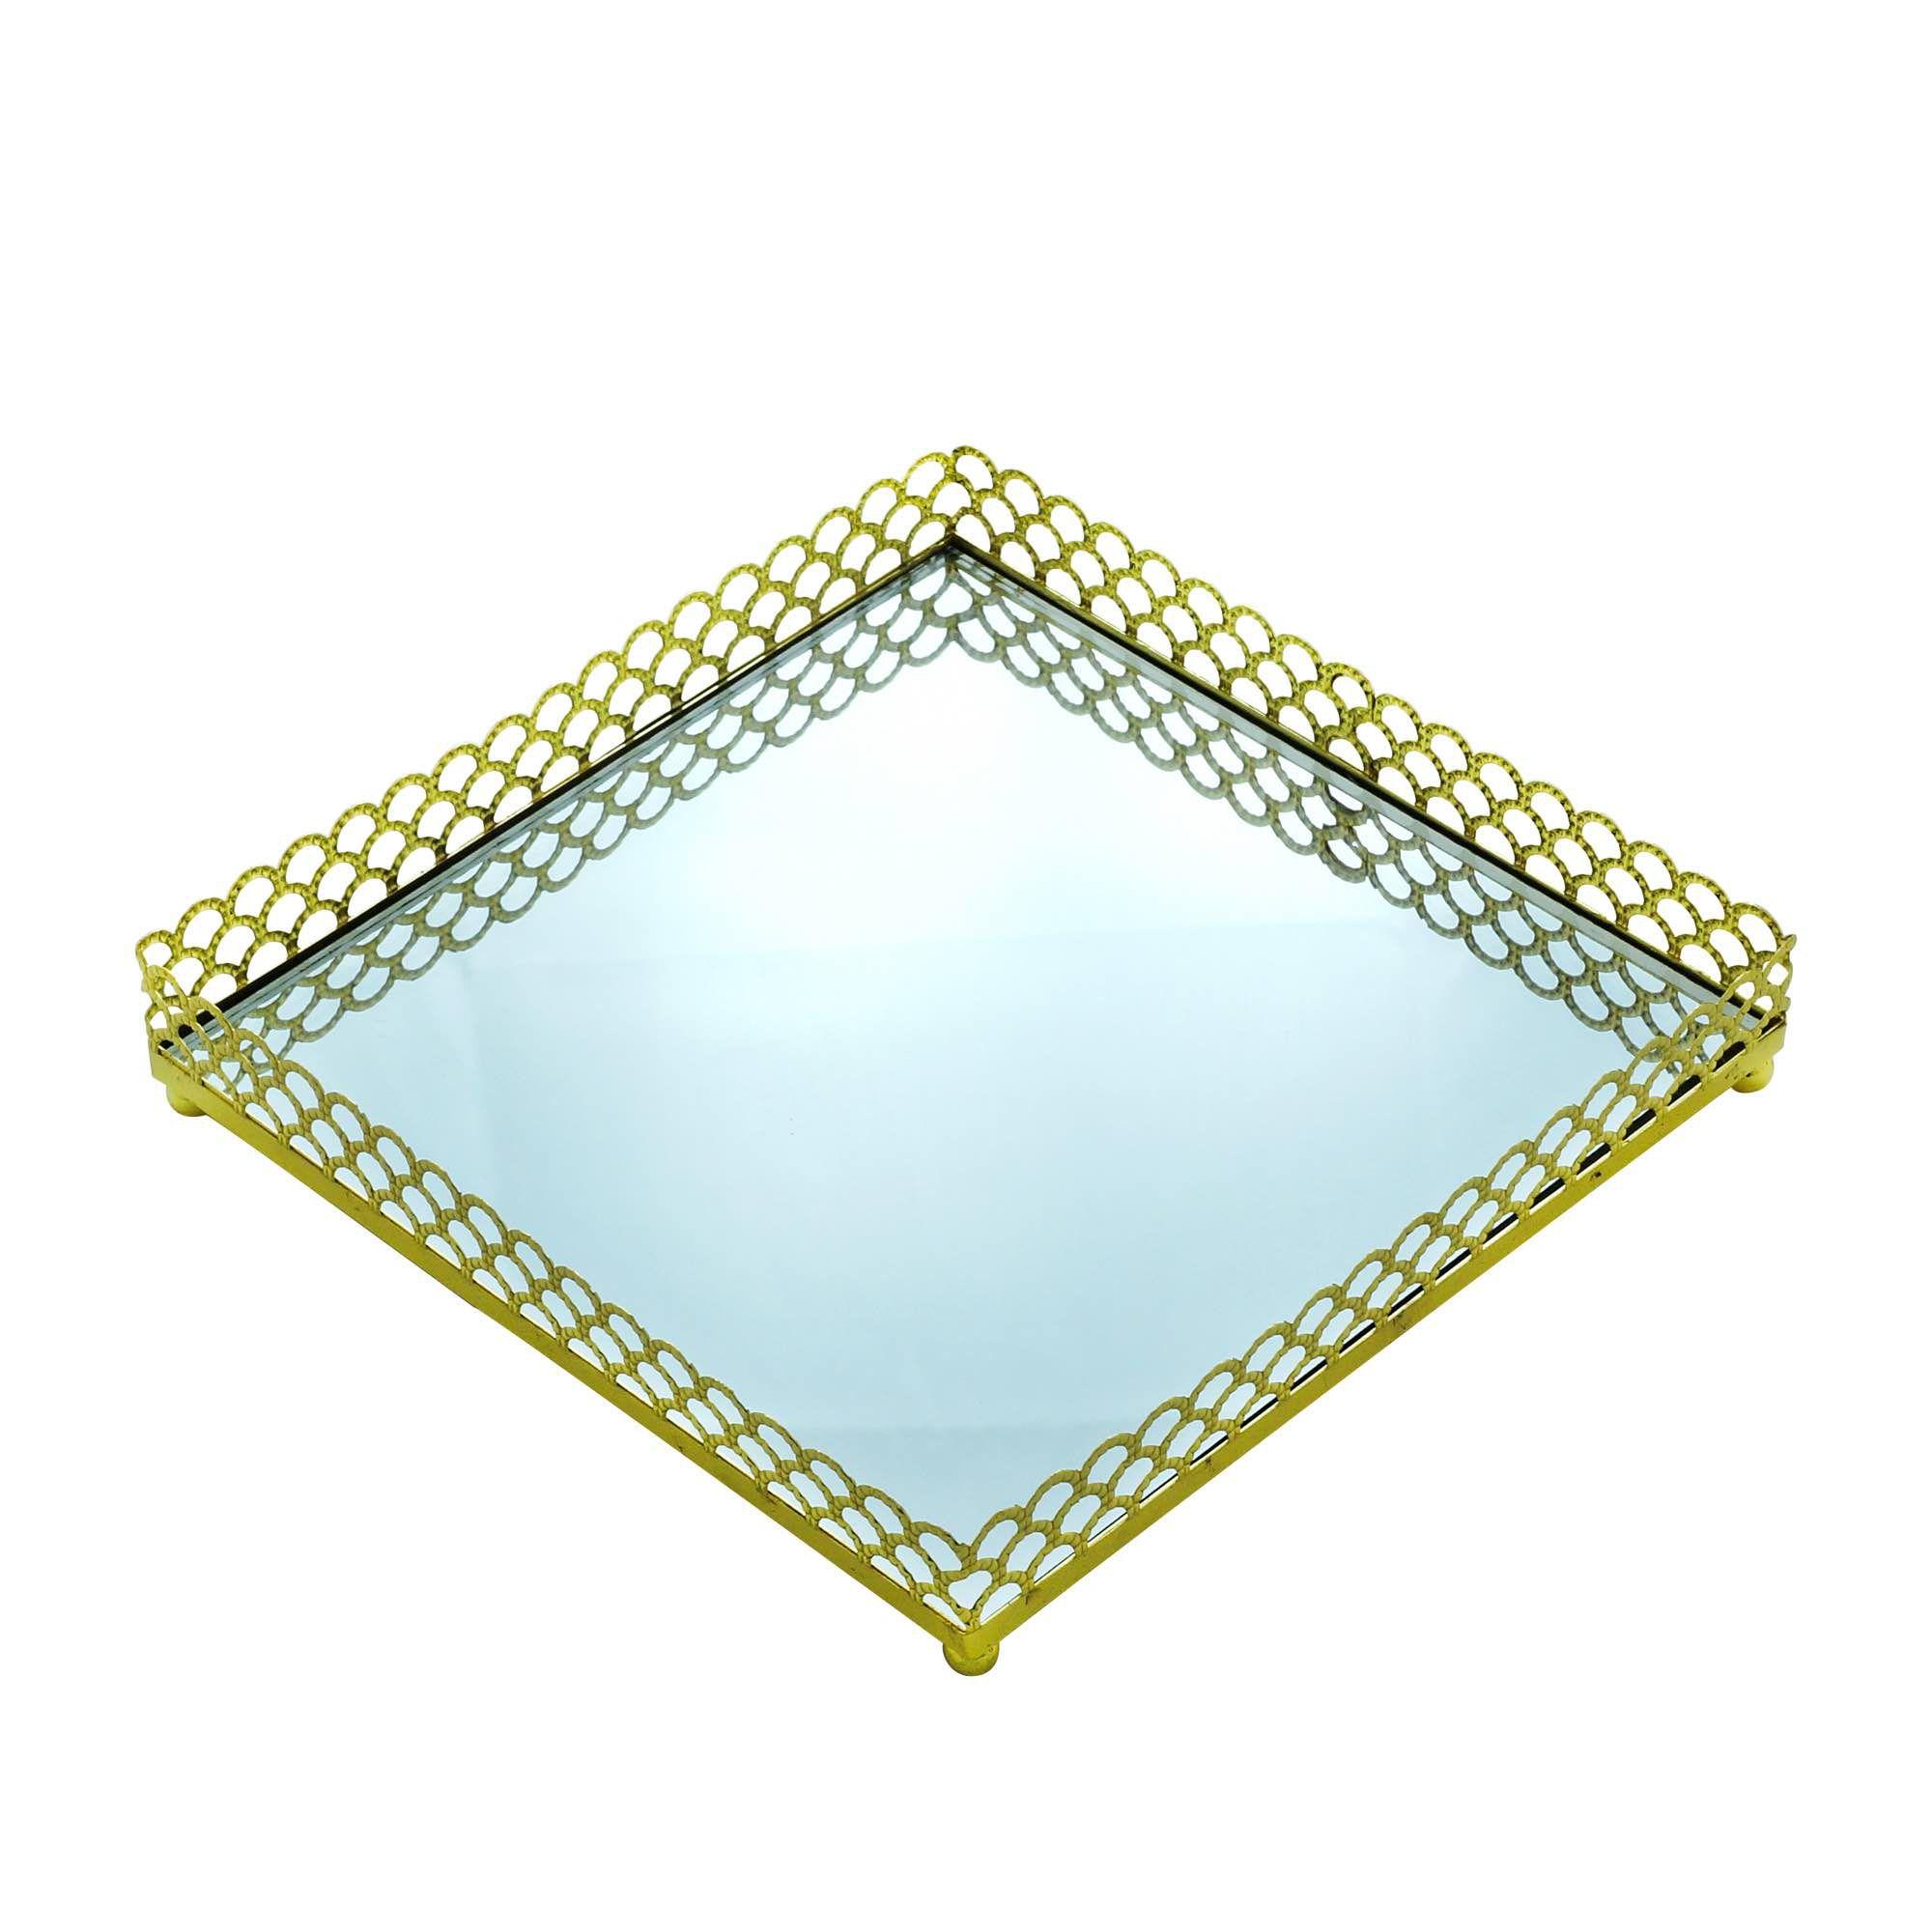 Bandeja Espelhada de Metal Dourada Quadrada - Luxo para Lavabo / Bar / Sala